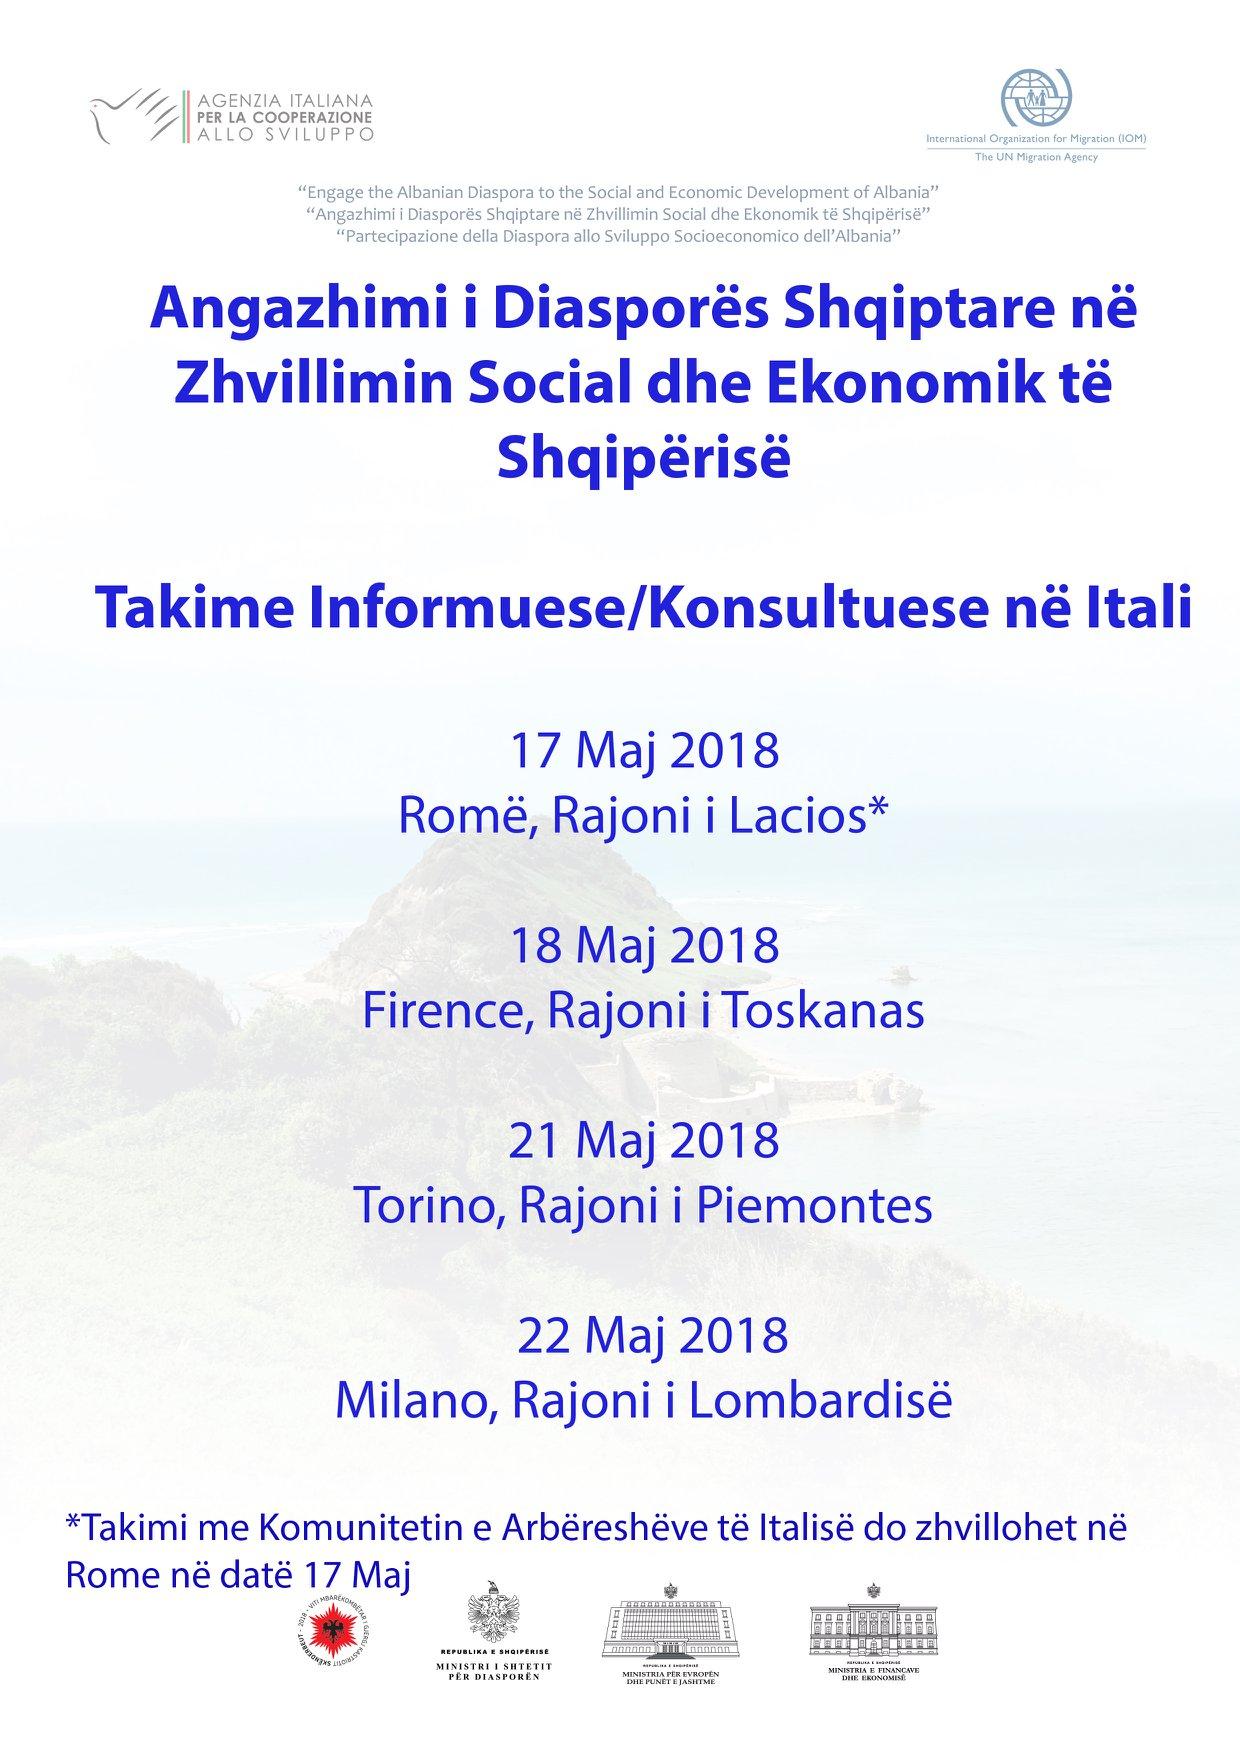 Takimet në Itali - Shtyp mbi imazh për ta lexuar